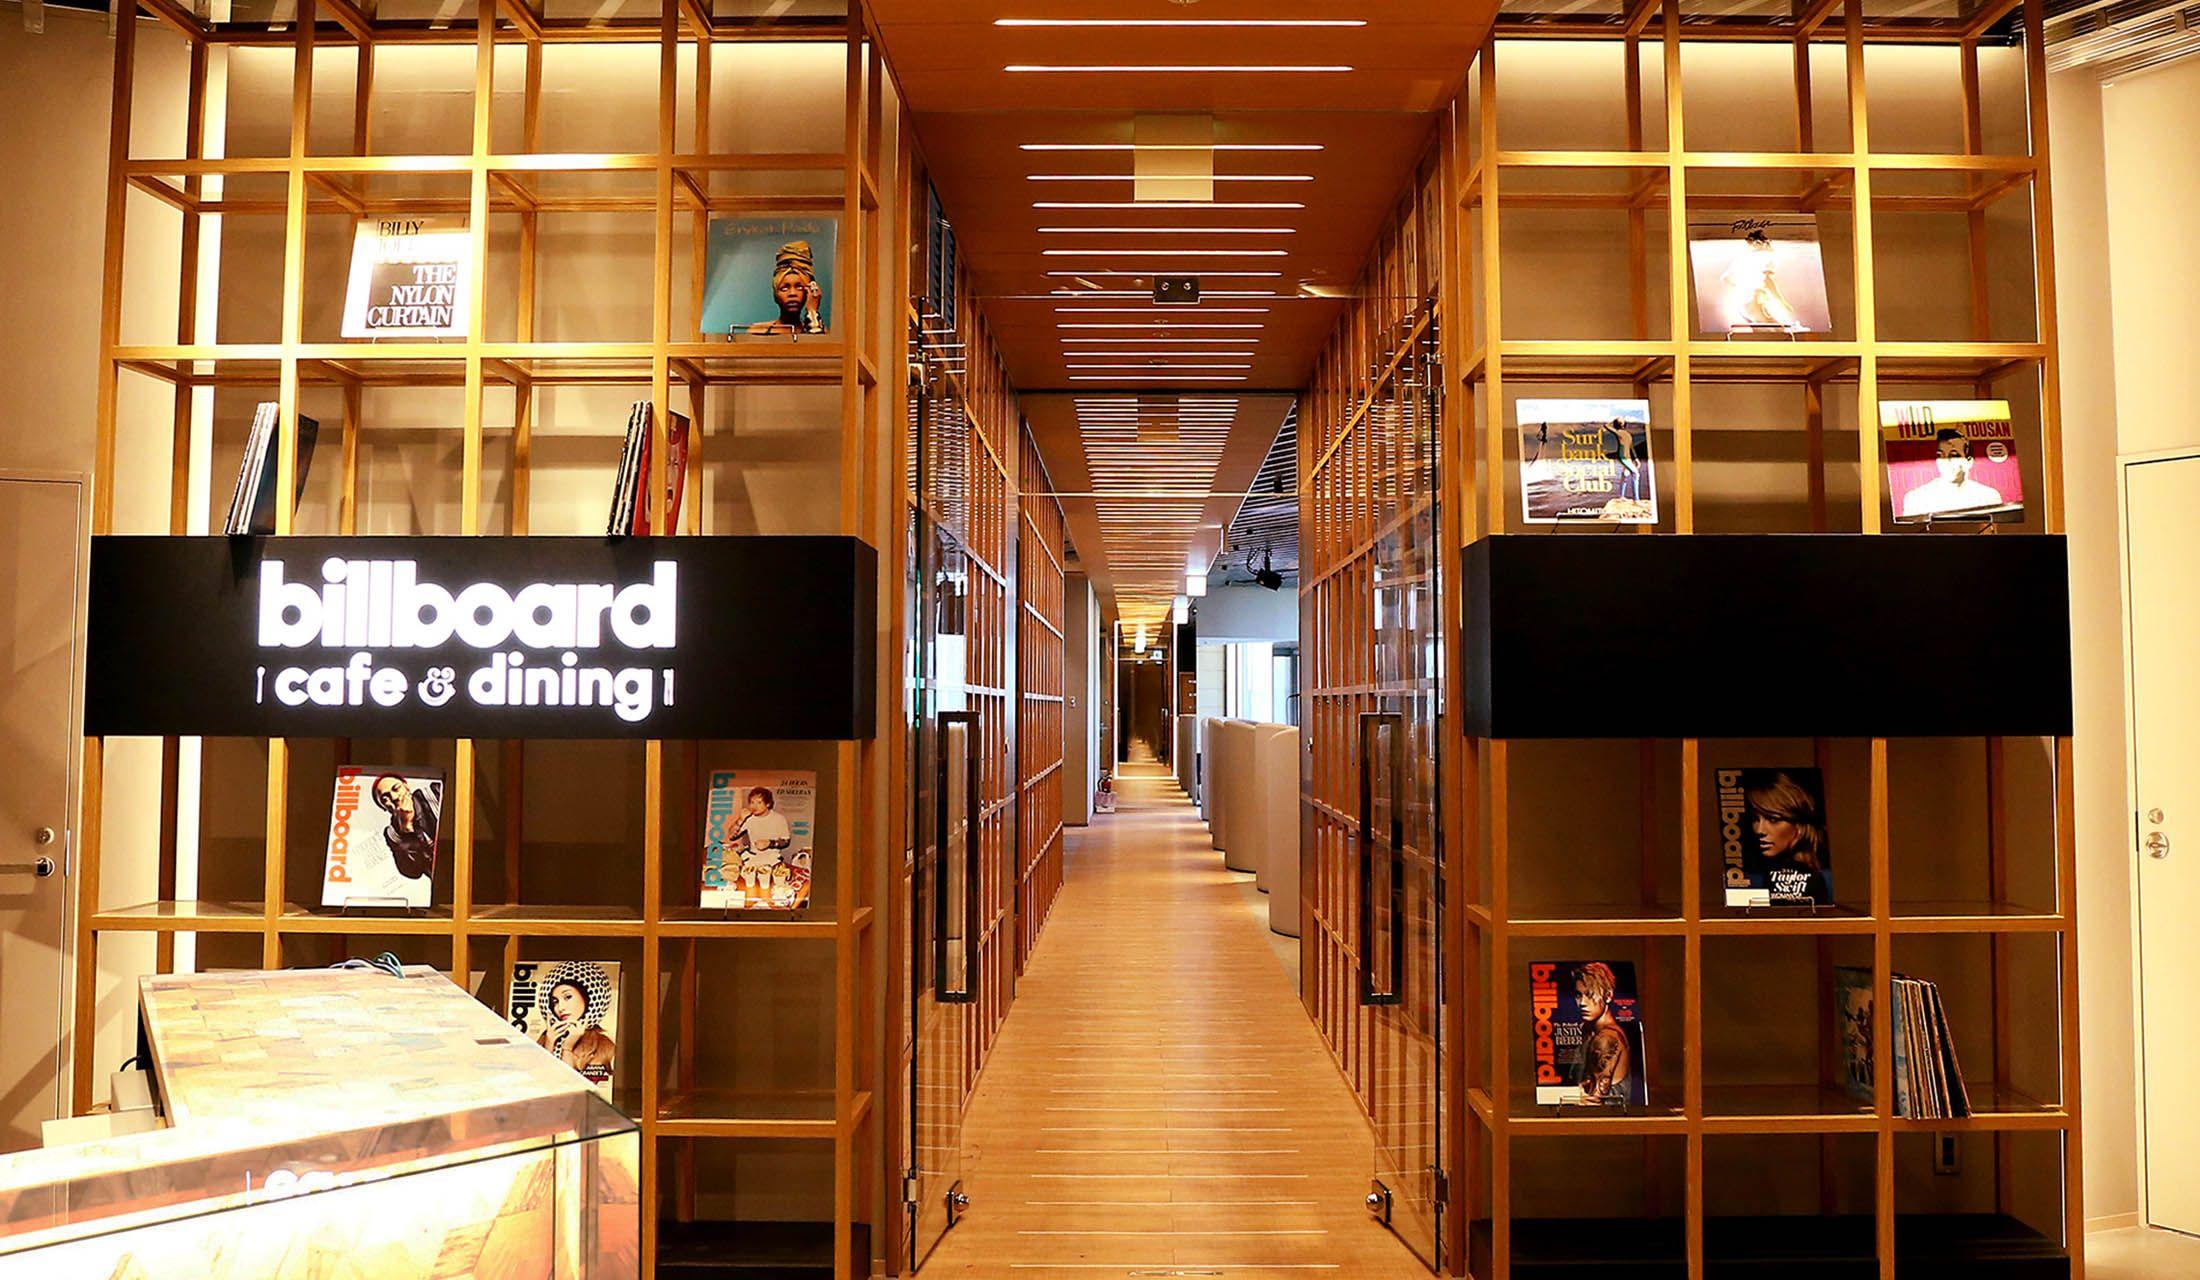 東京ミッドタウン日比谷にオープンした「ビルボードカフェ&ダイニング」のエントランス